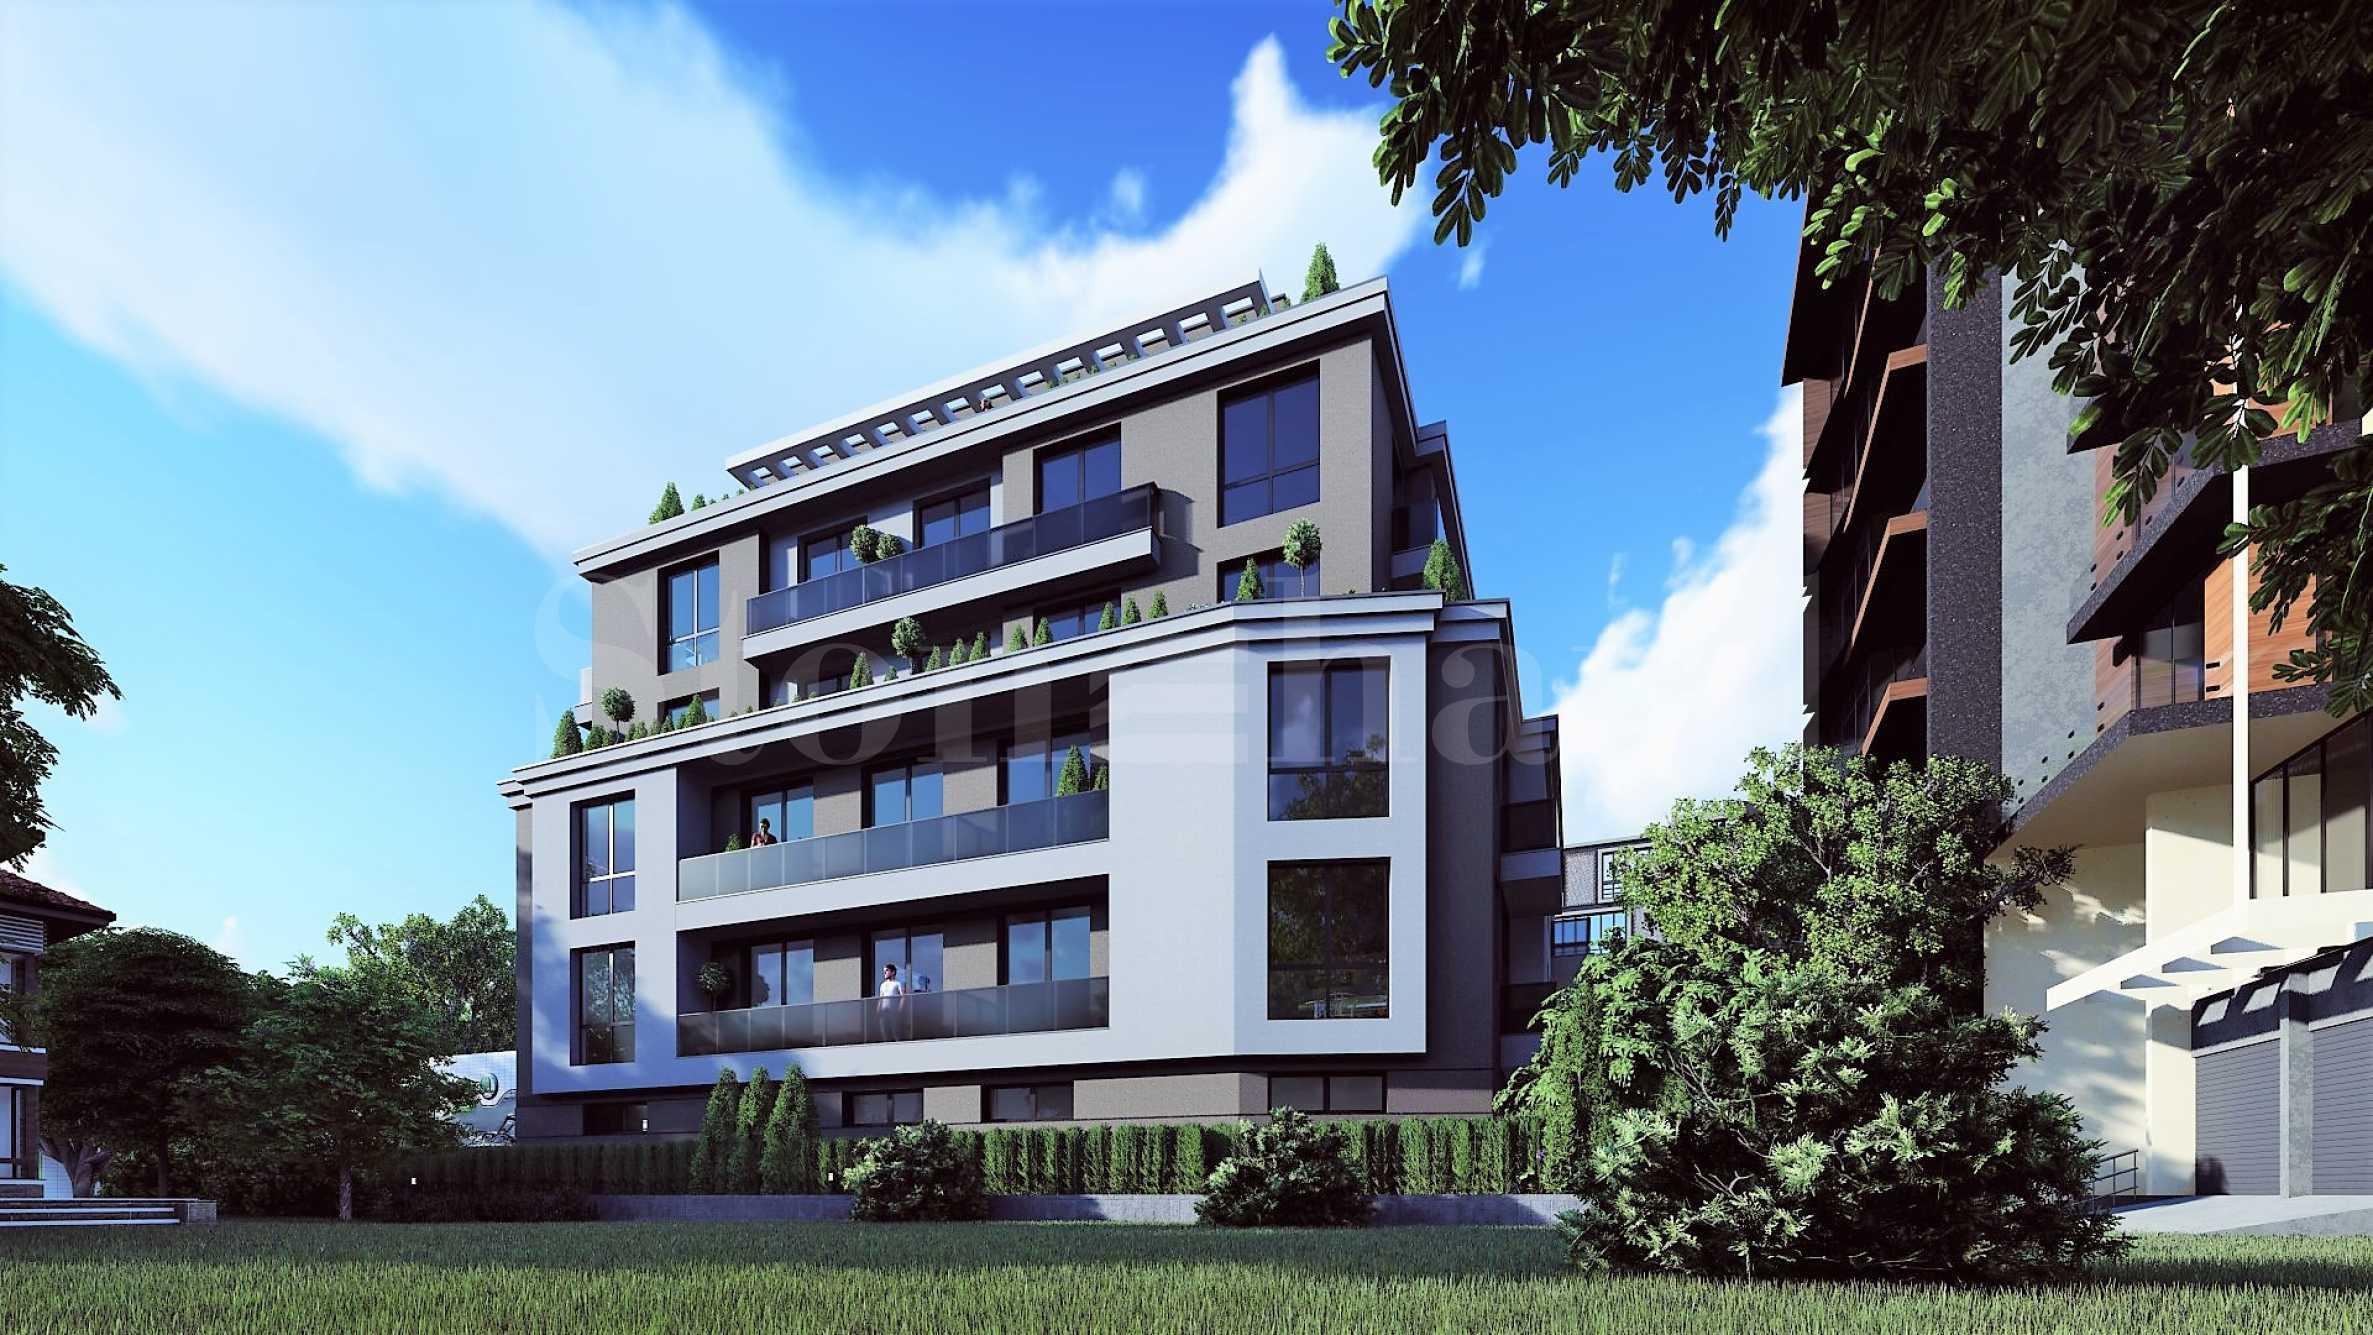 Бутикова жилищна сграда с озеленен двор в комуникативен район 1 - Stonehard